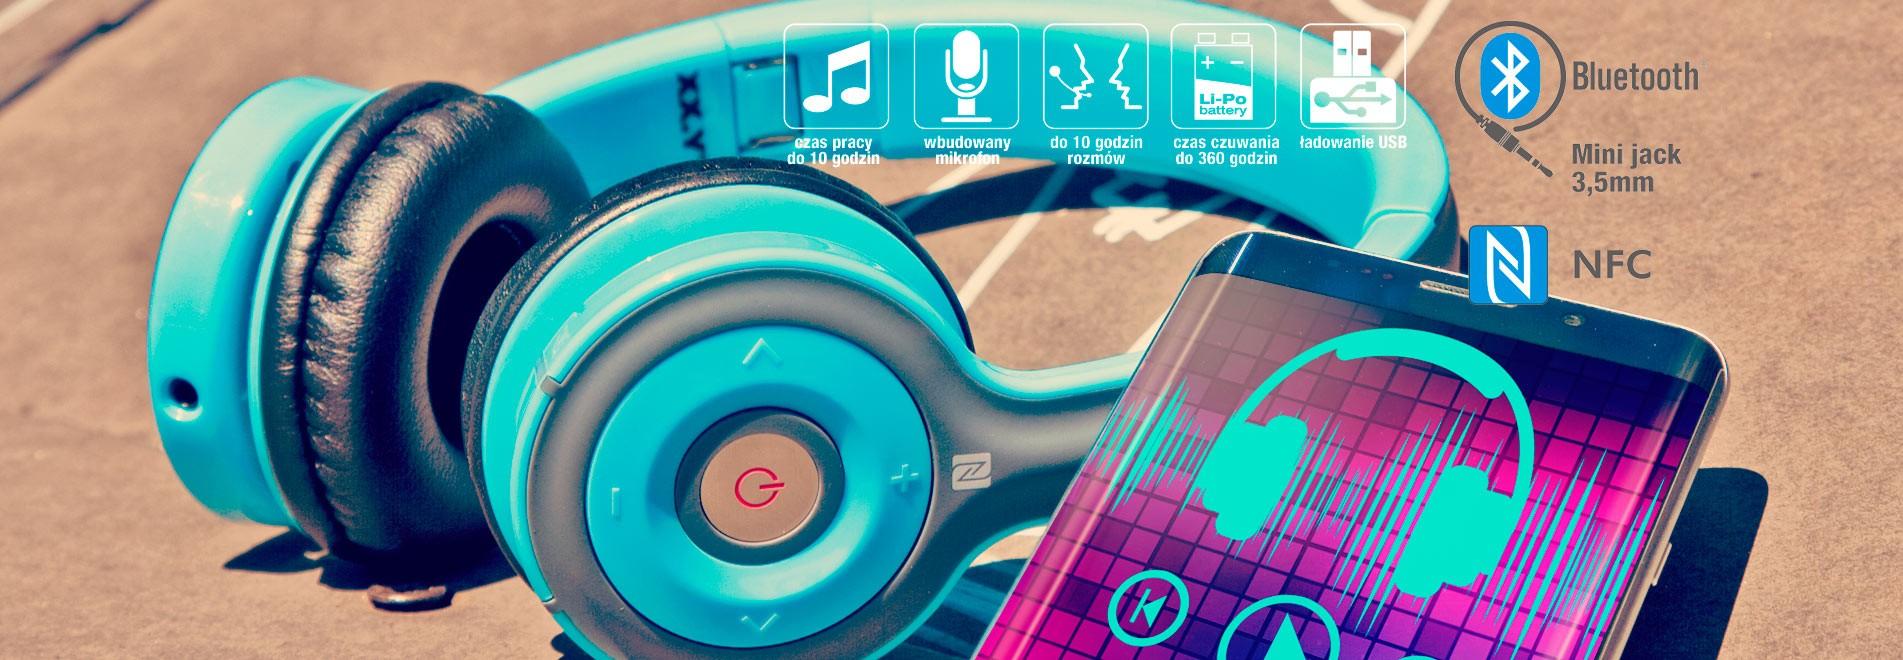 Kolorowe słuchawki nauszne Bluetooth i NFC - JELLO